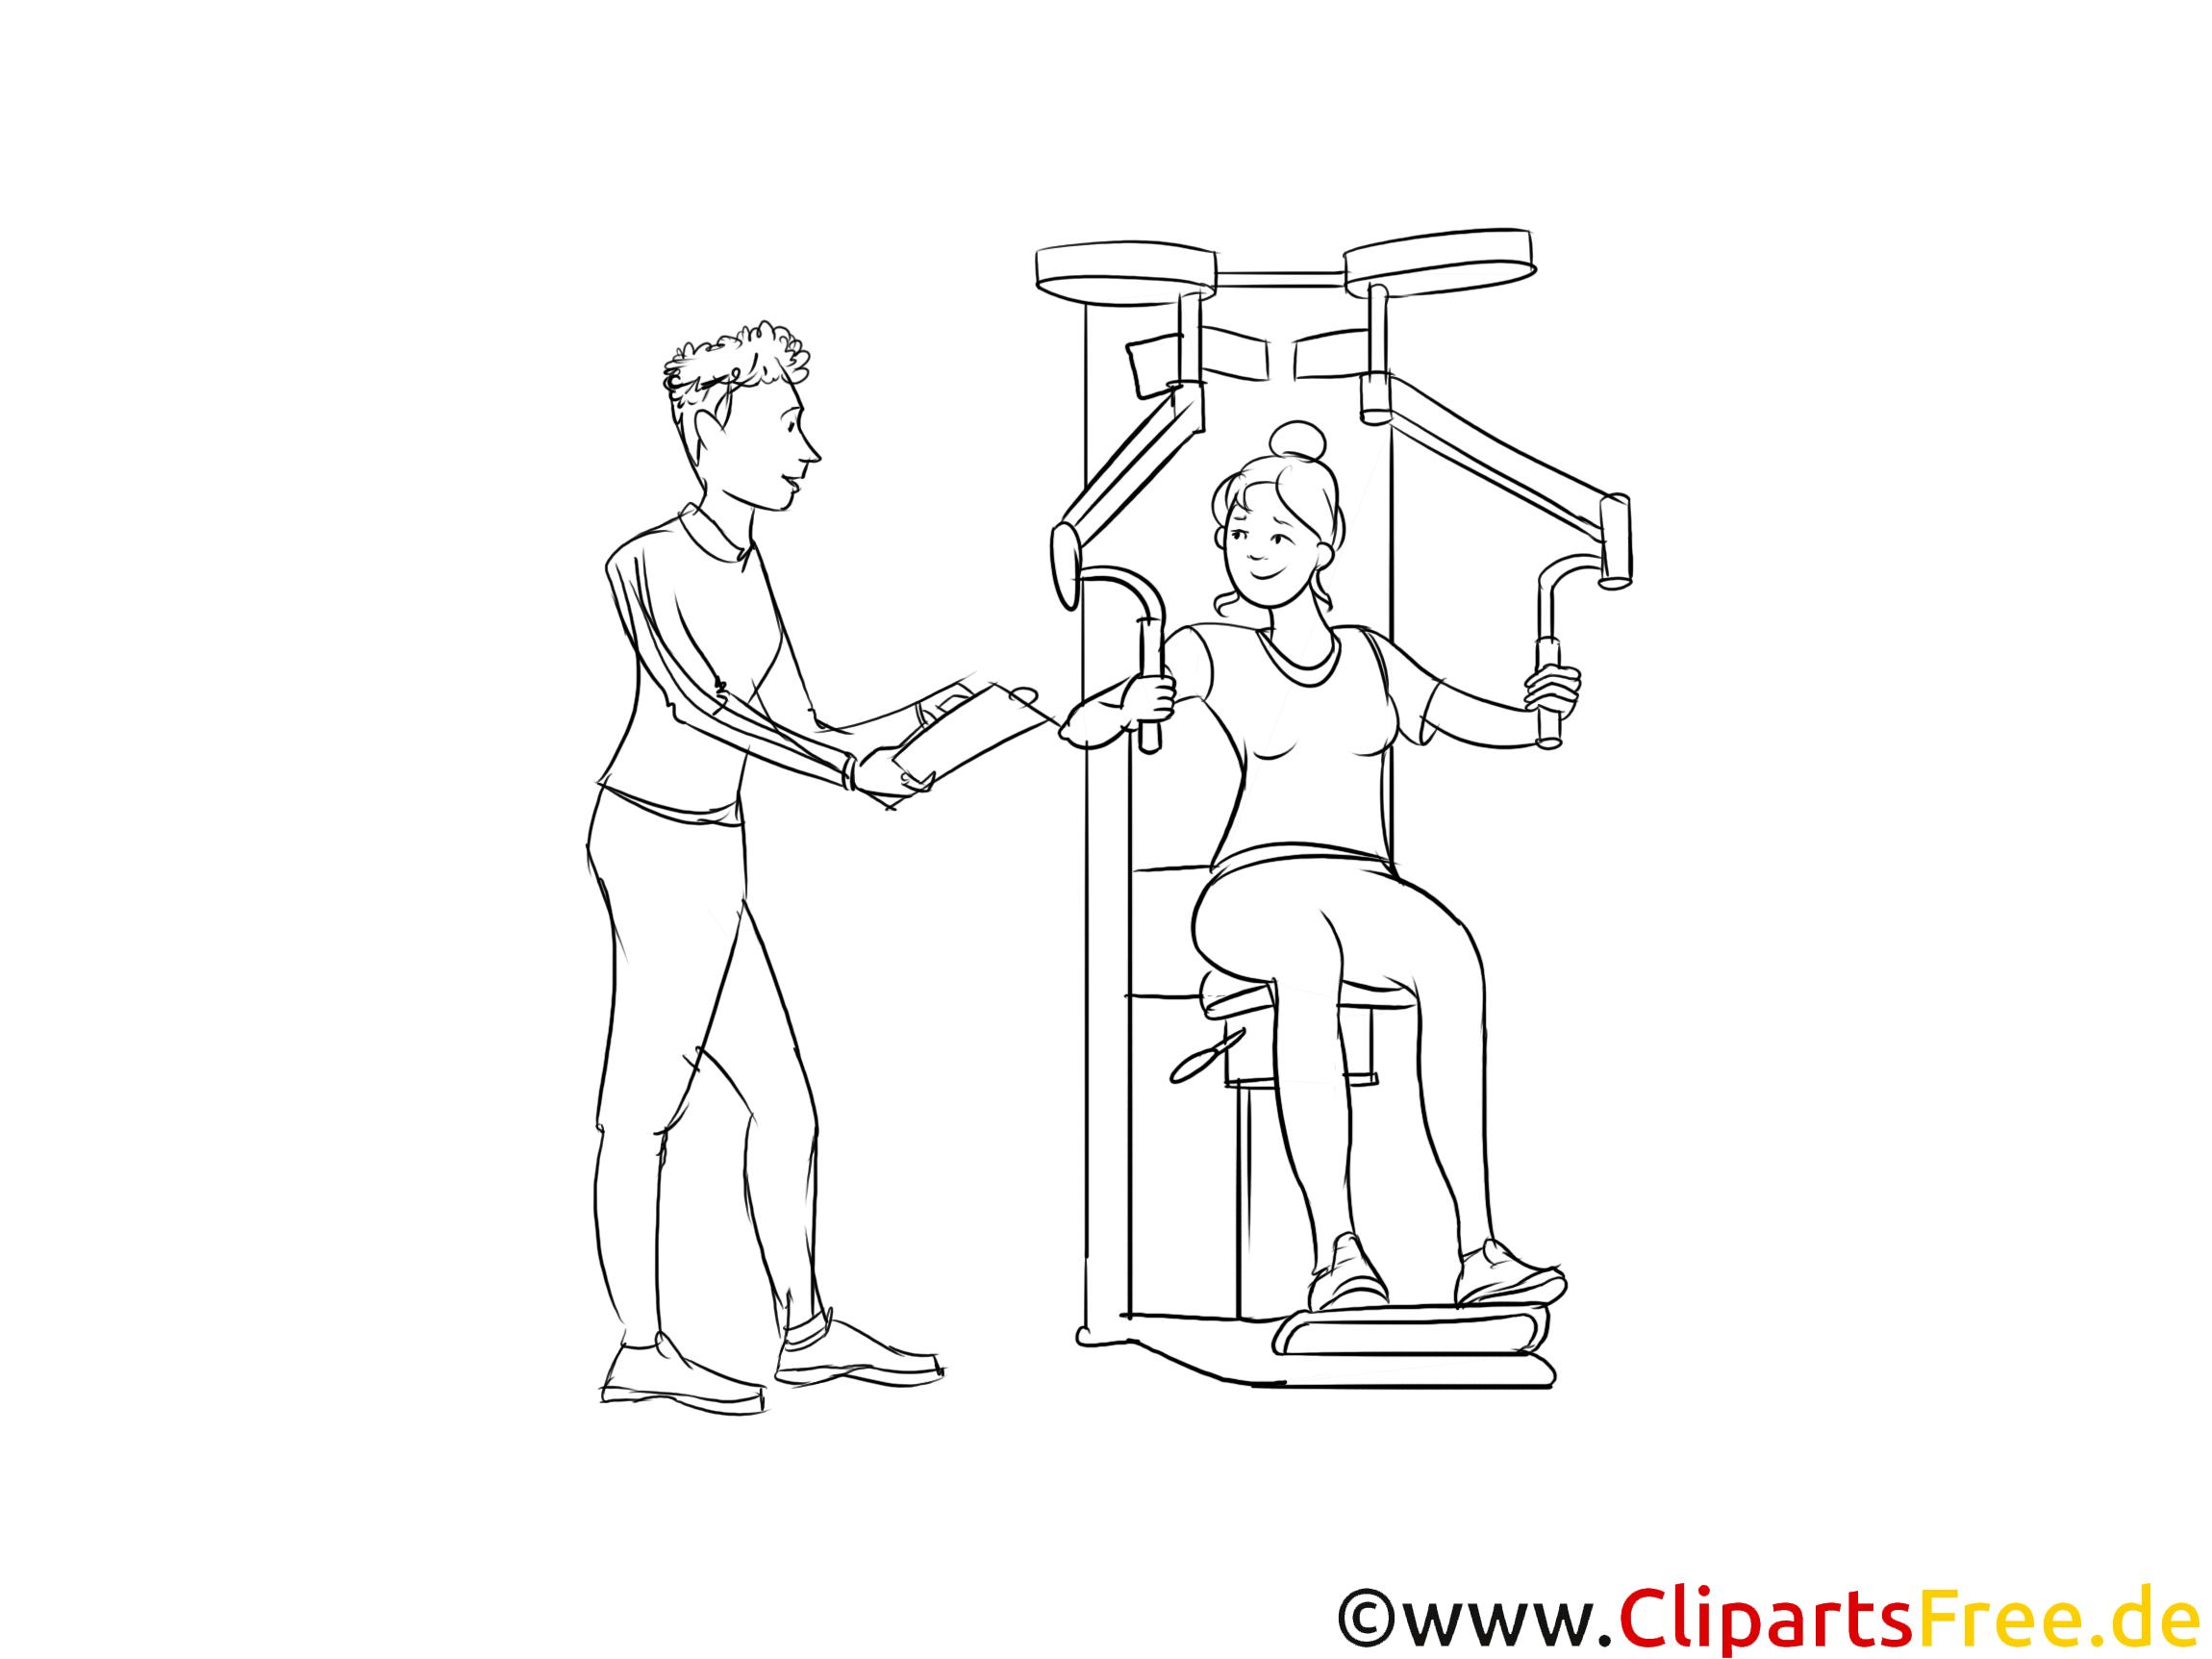 Ausbildung als Sport und Fitnesskaufmann Bild, Grafik, Clipart